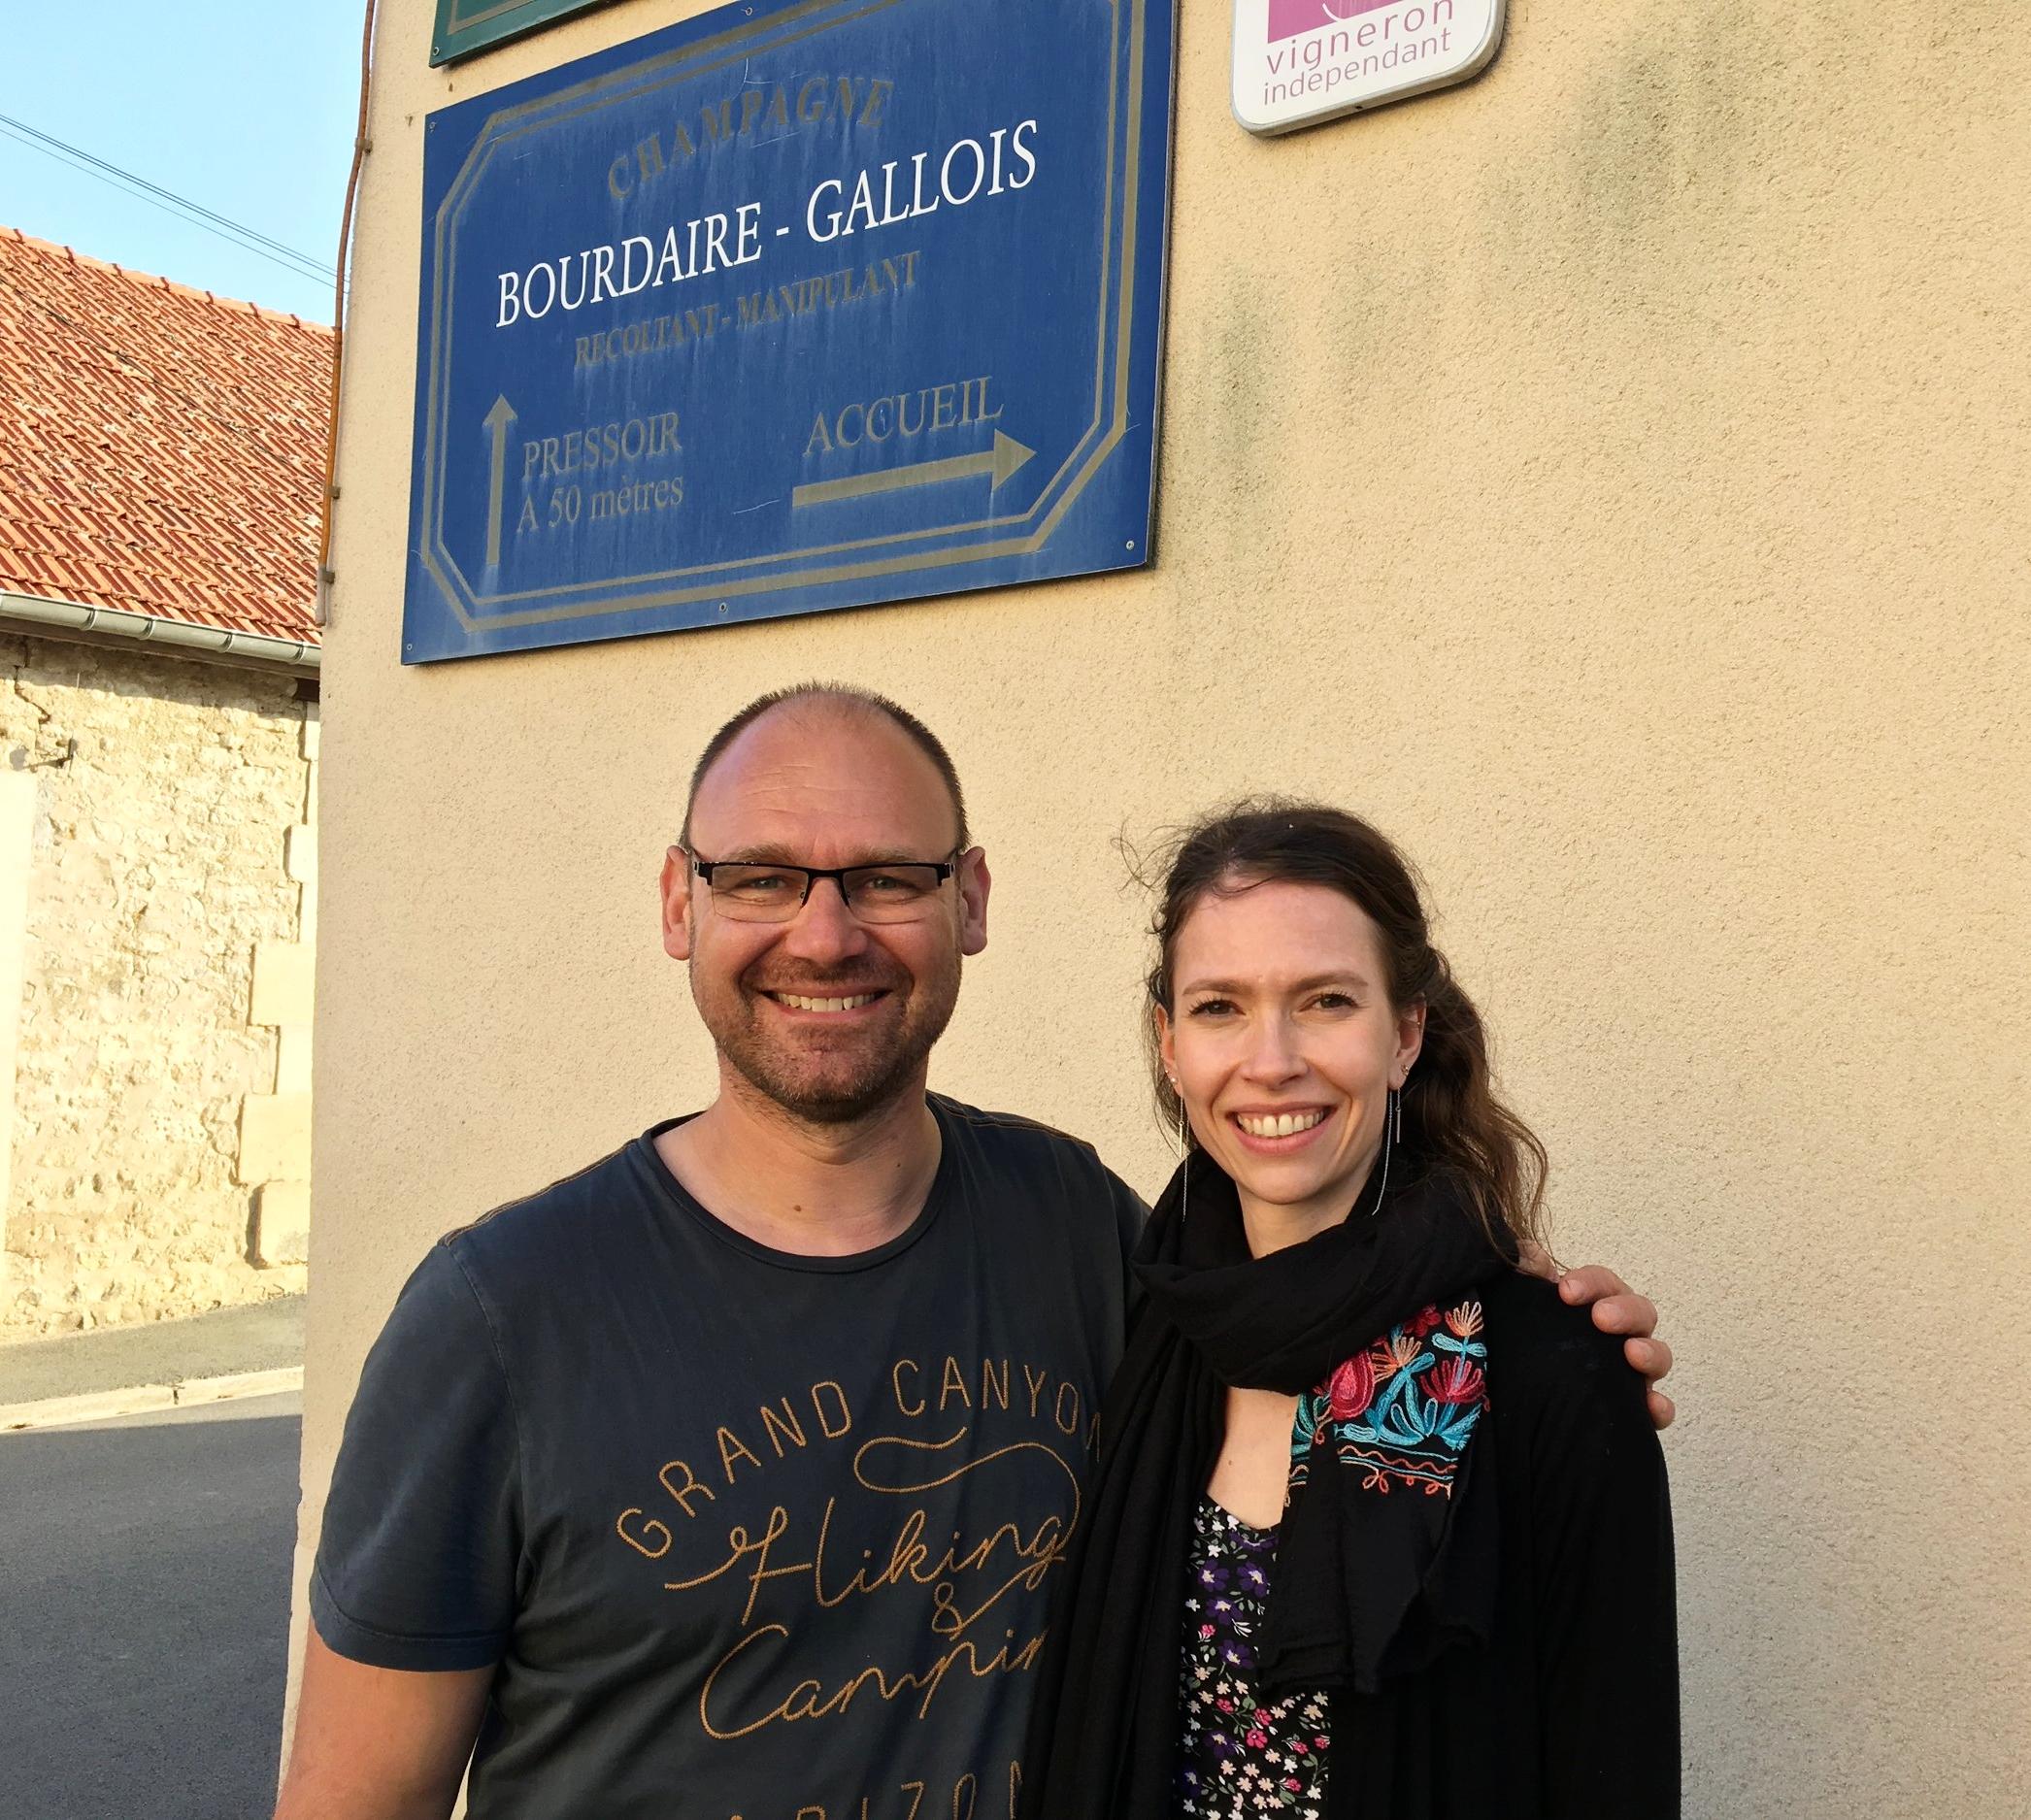 Avec David Bourdaire - Champagne Bourdaire-Gallois.  Crédit photo: Éléonore T-Fournier.